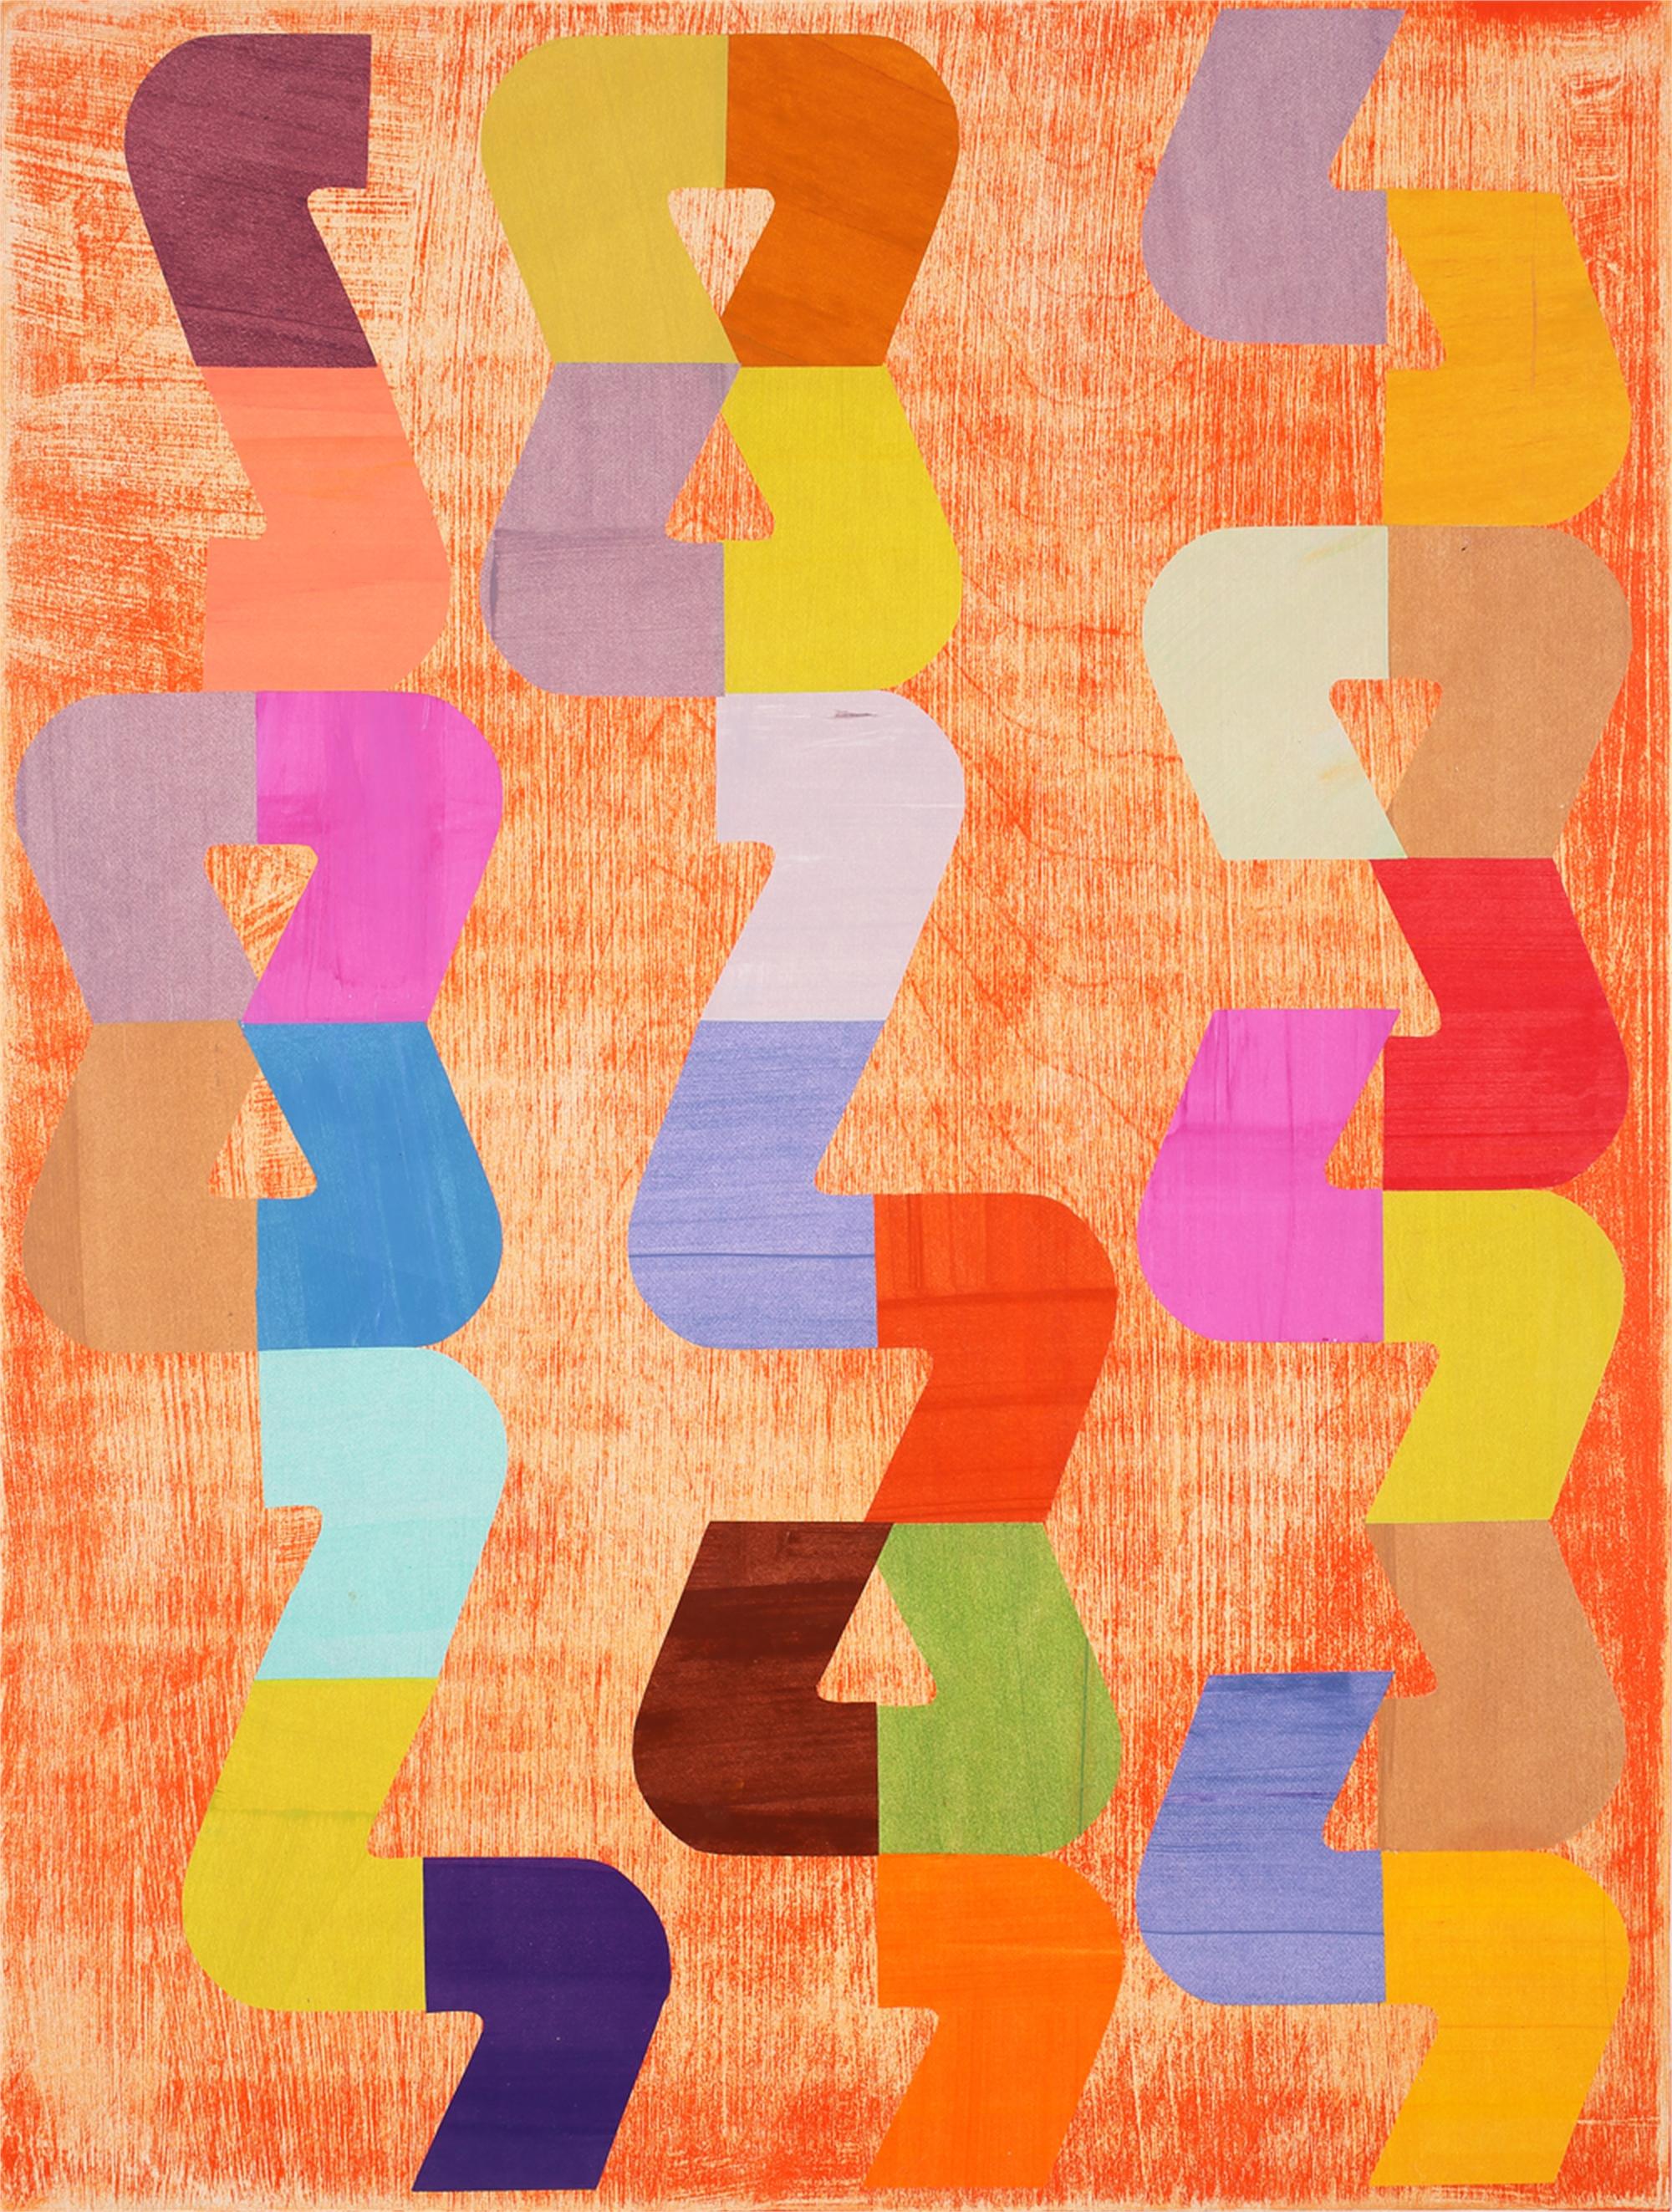 Pipe Dreams 1 by Lori Glavin